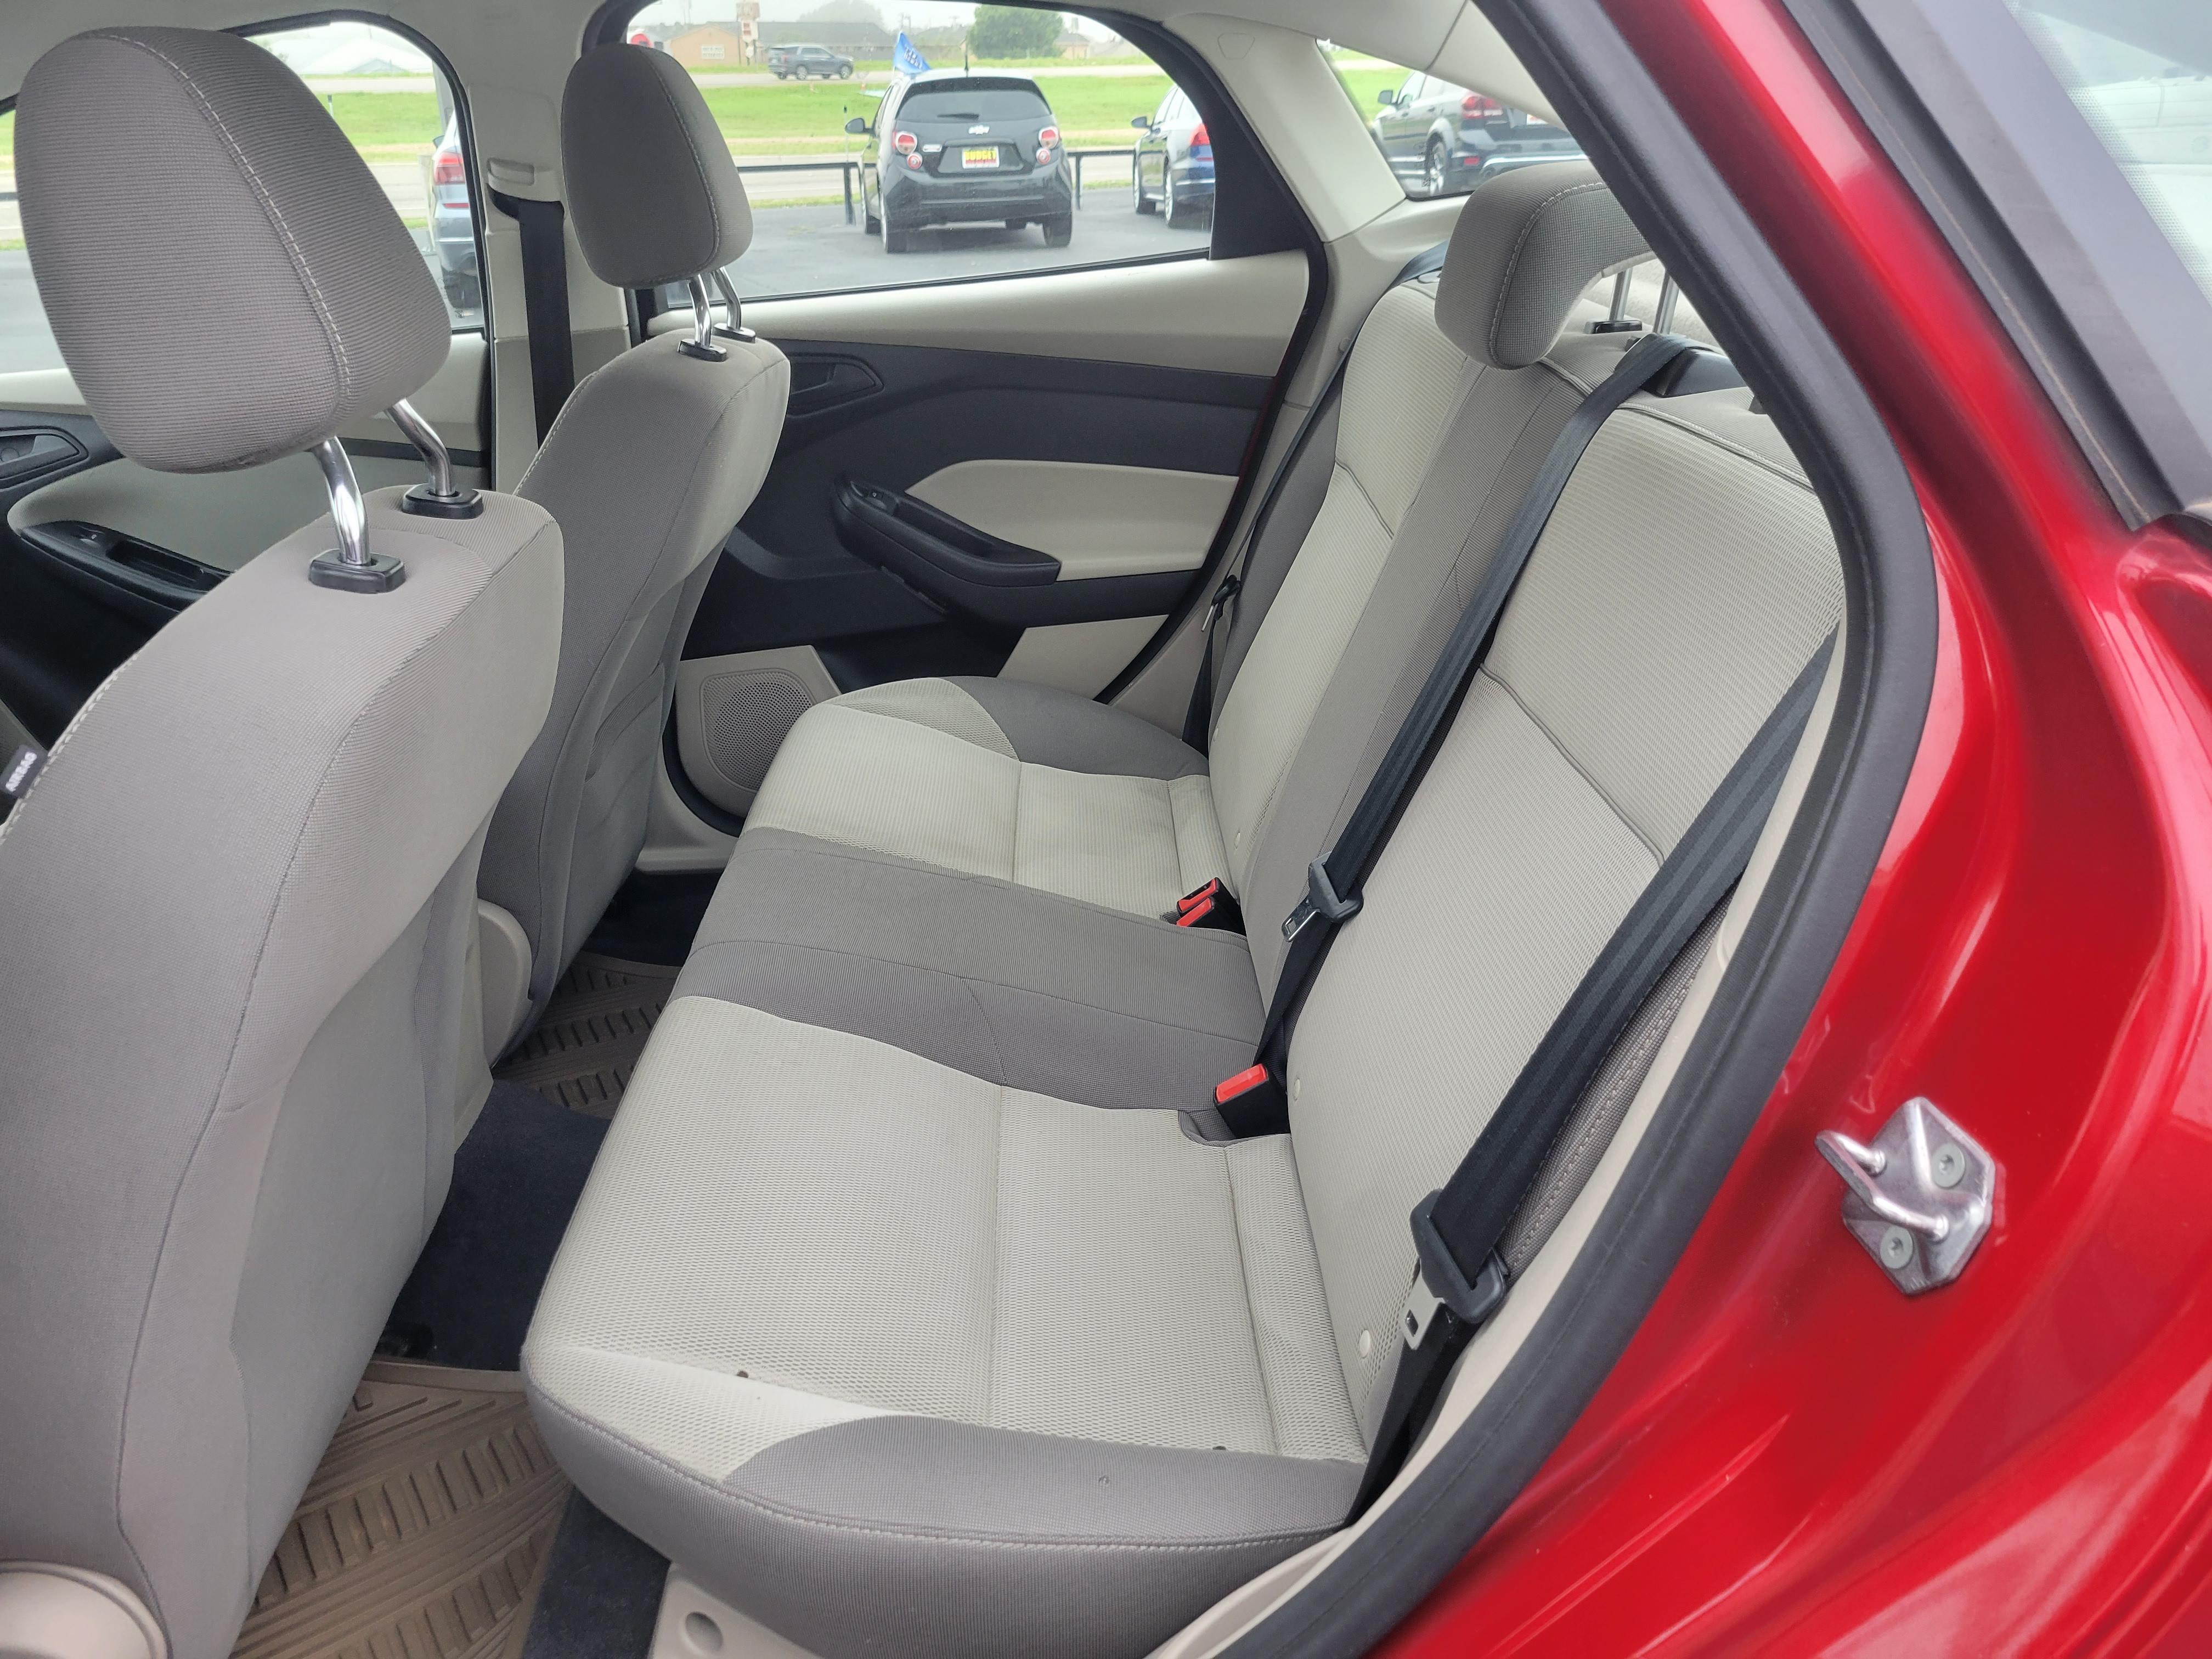 used vehicle - Sedan FORD FOCUS 2012